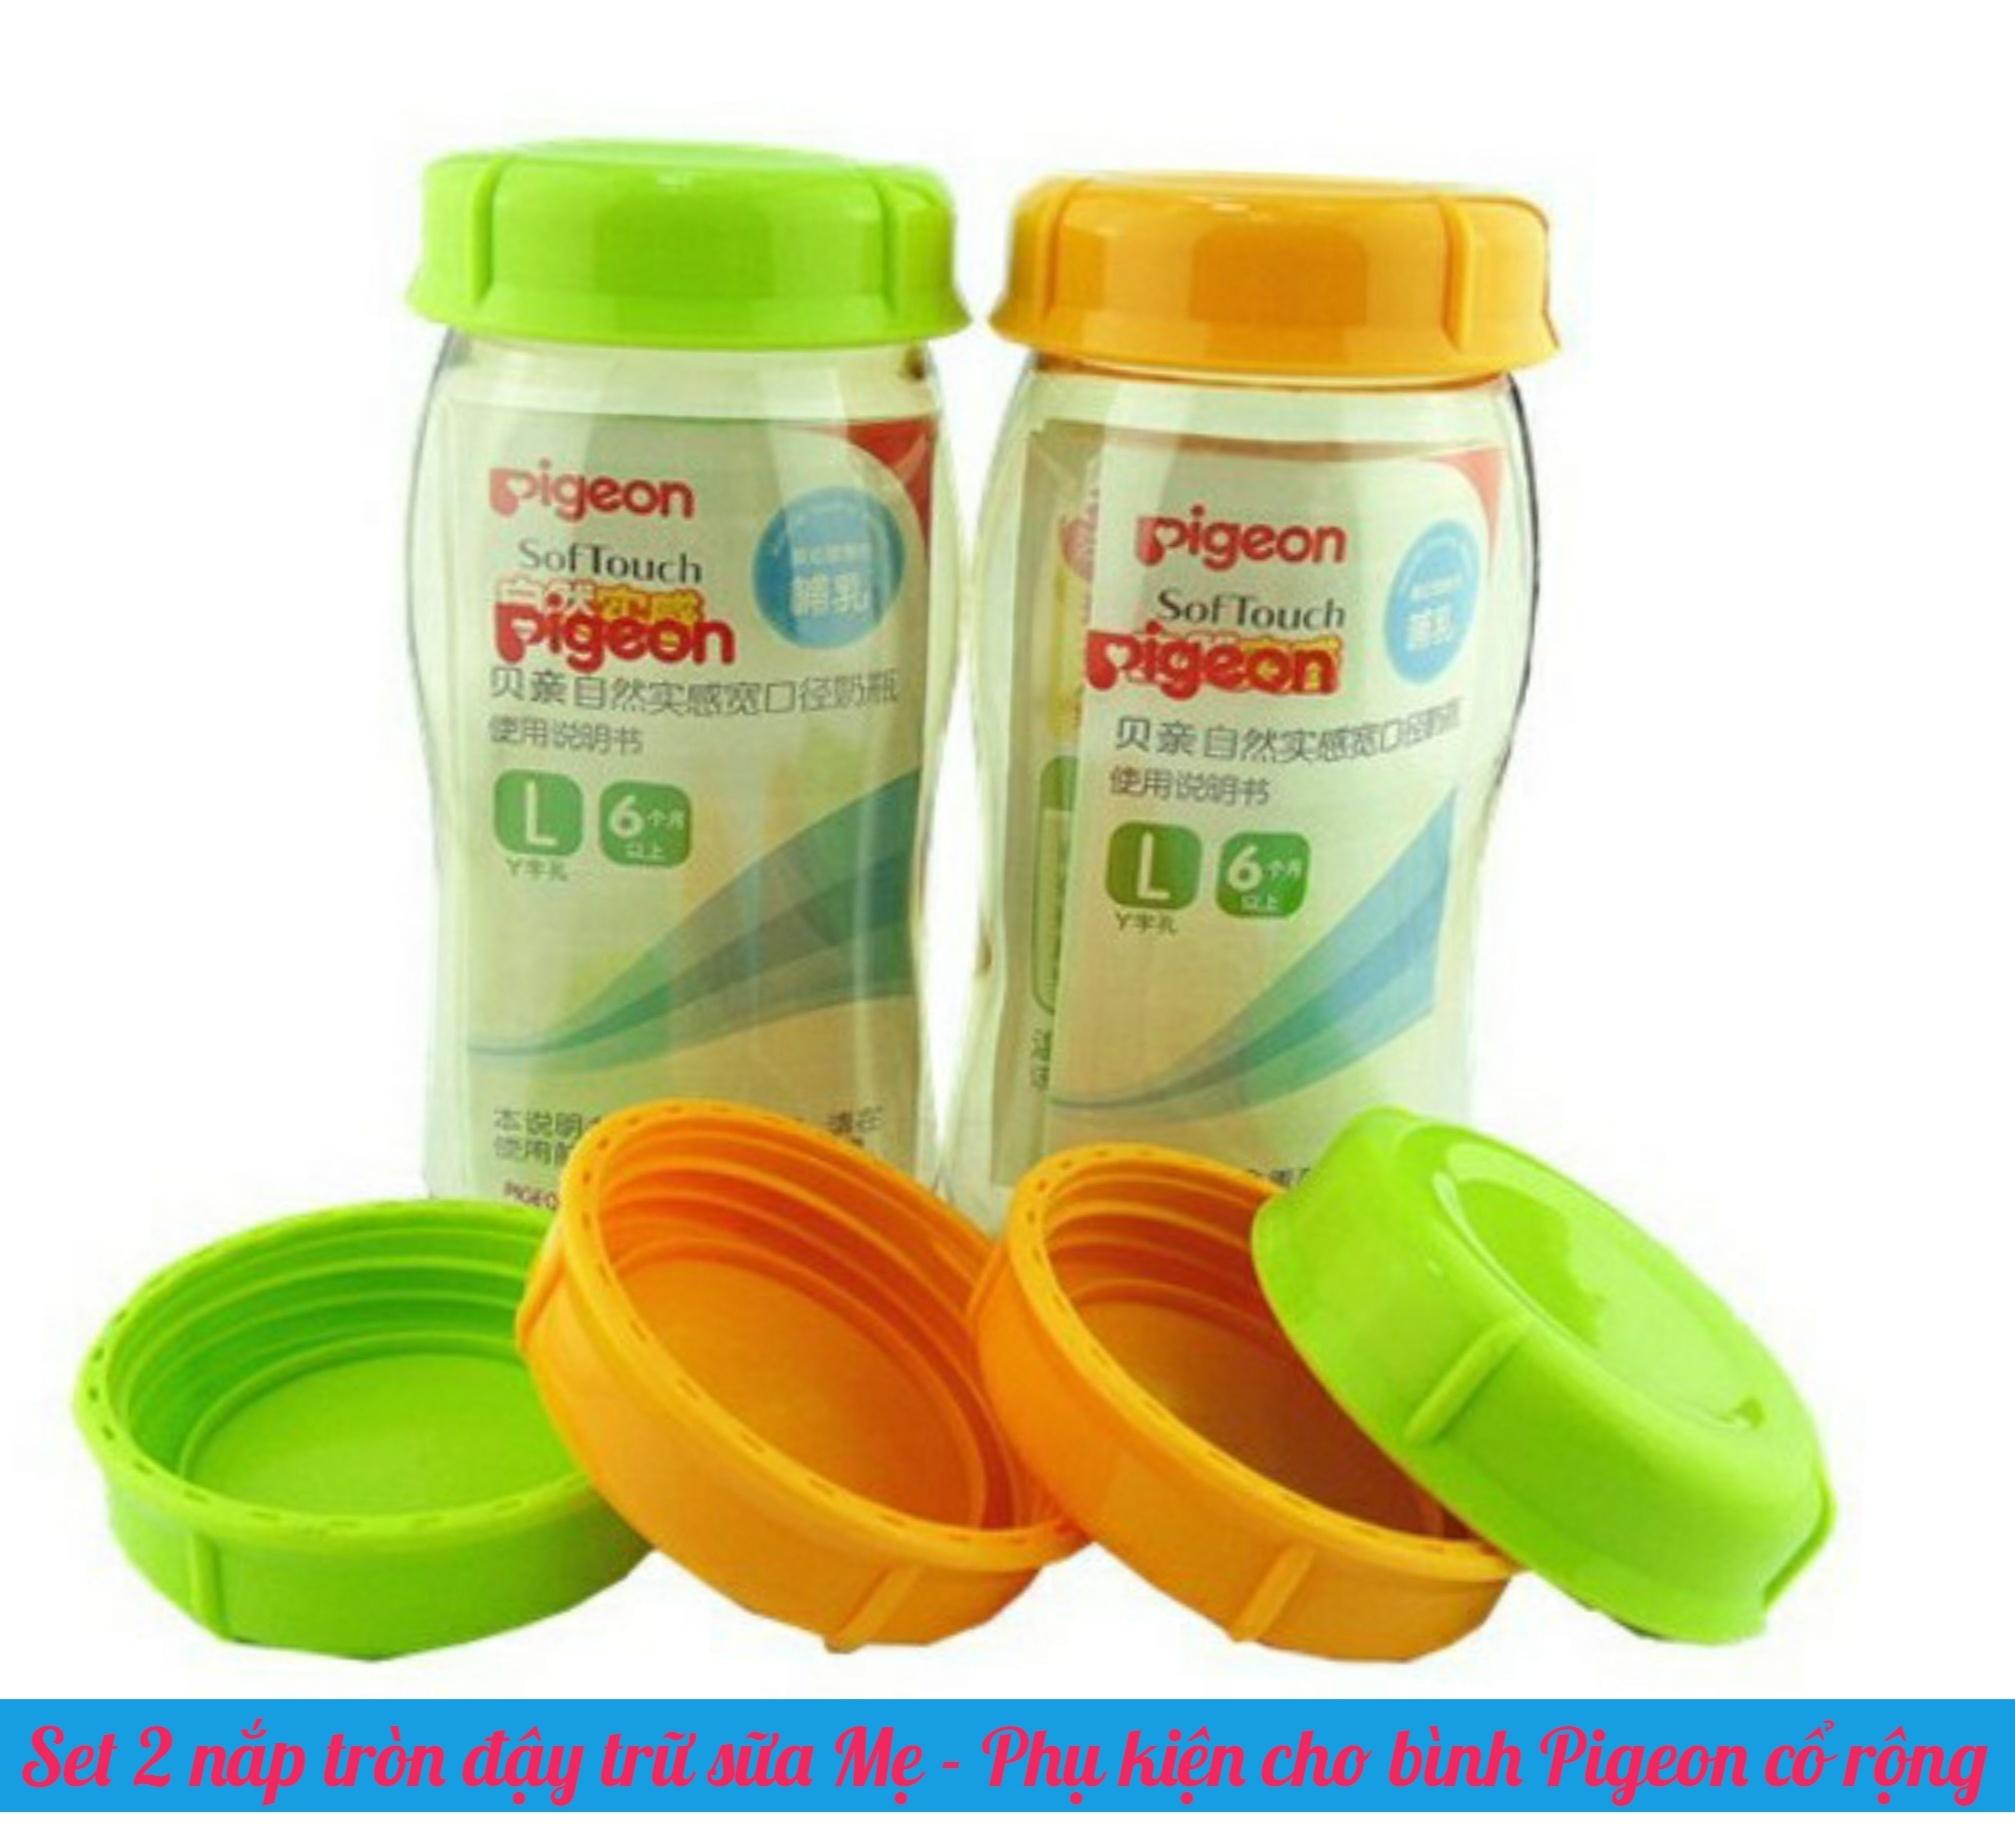 Set 2 nắp tròn đậy trữ sữa Pigeon - Phụ kiện cho bình cổ rộng